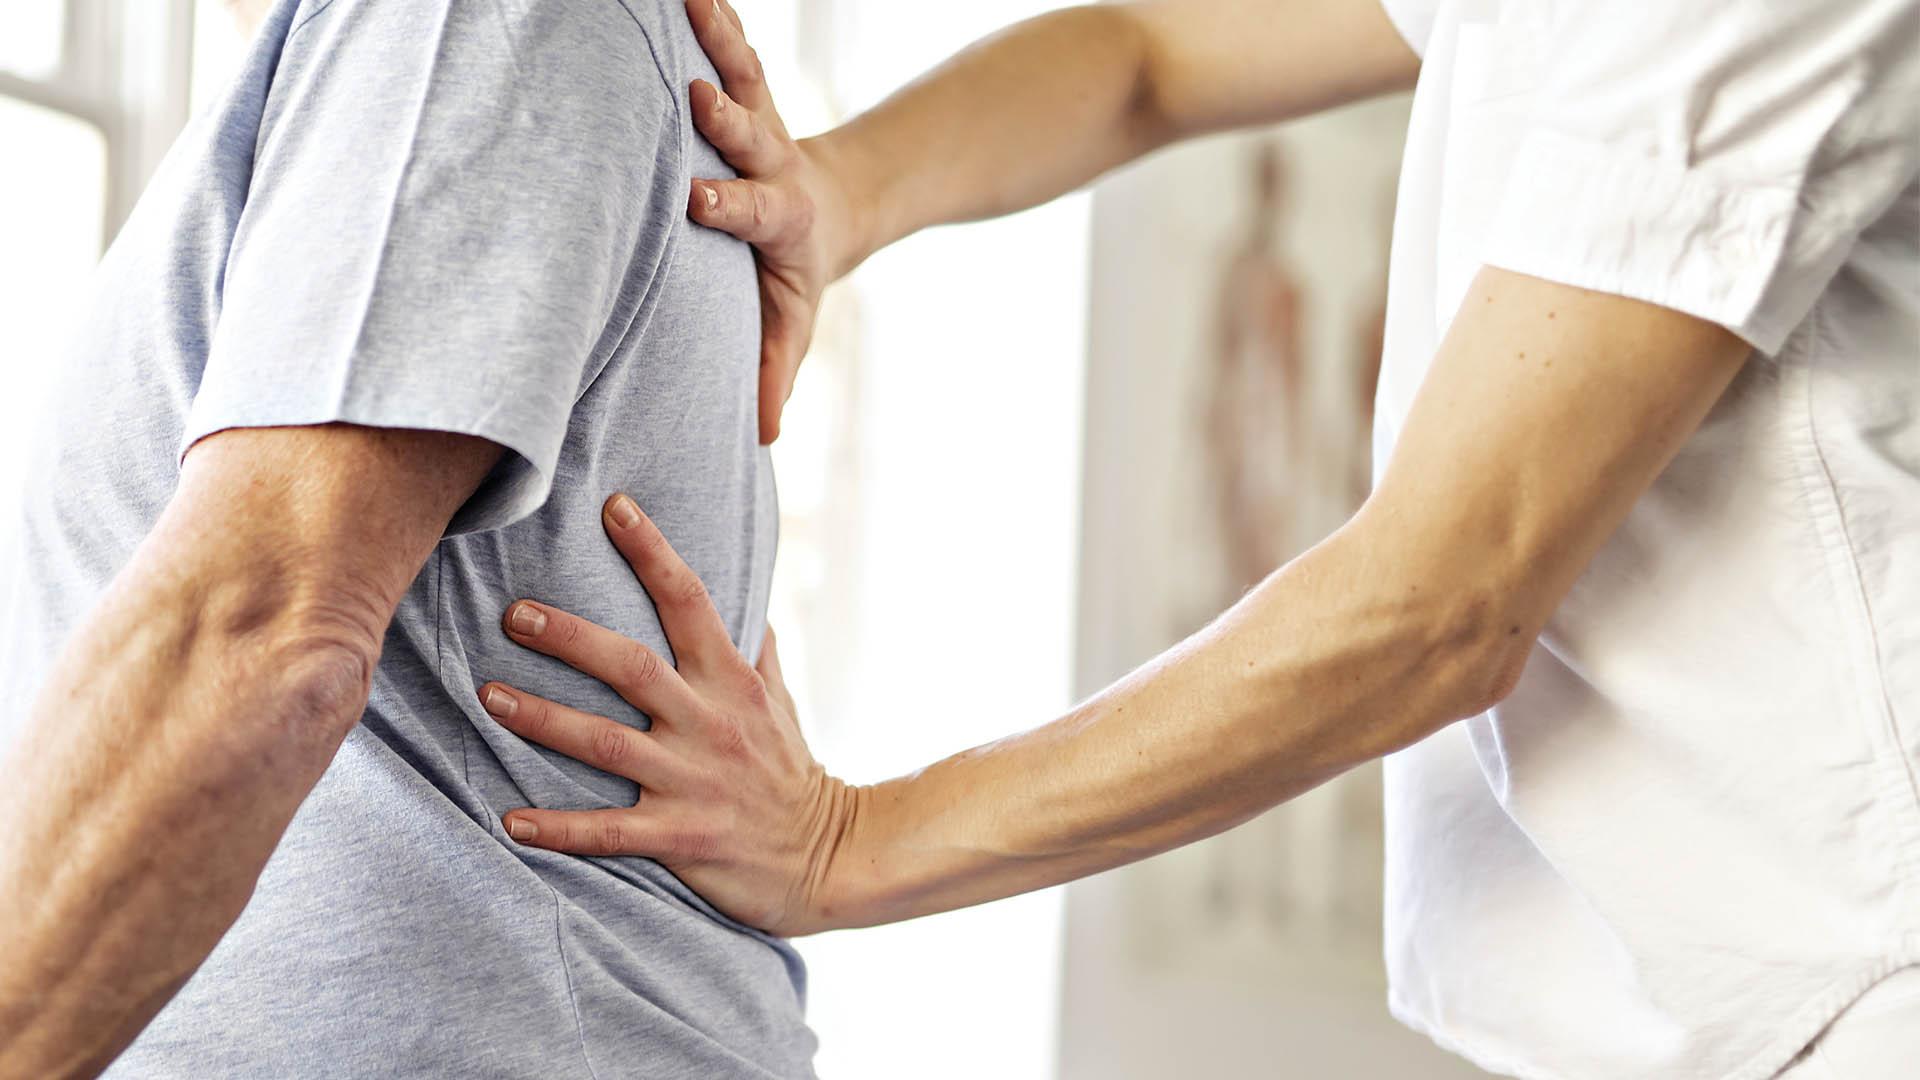 Fisioterapia mal di schiena Appia Tuscolana